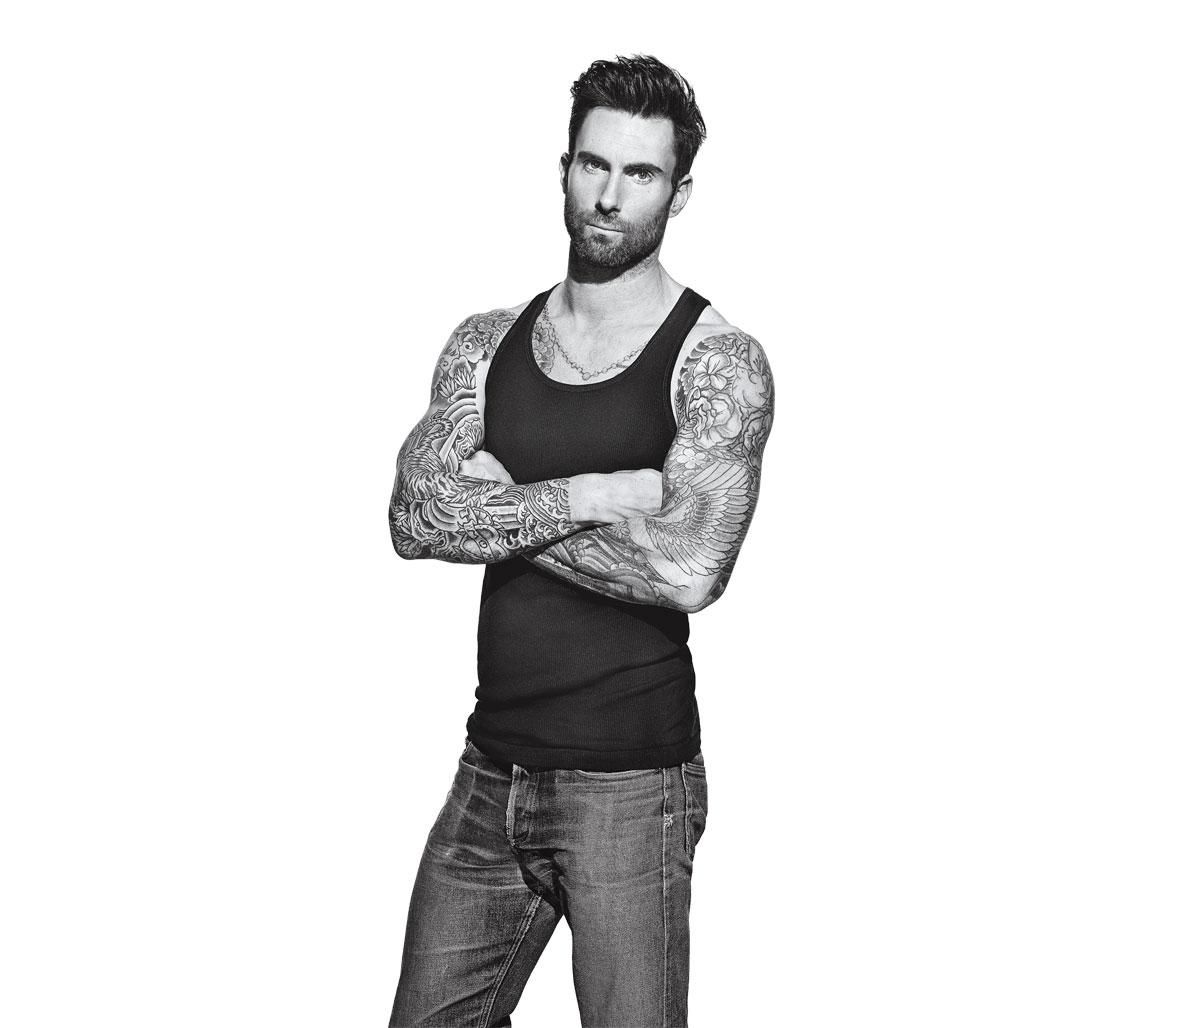 Adam Levine aparece de camiseta na capa da edição de março da Men's Fitness. Foto: Peter Yang